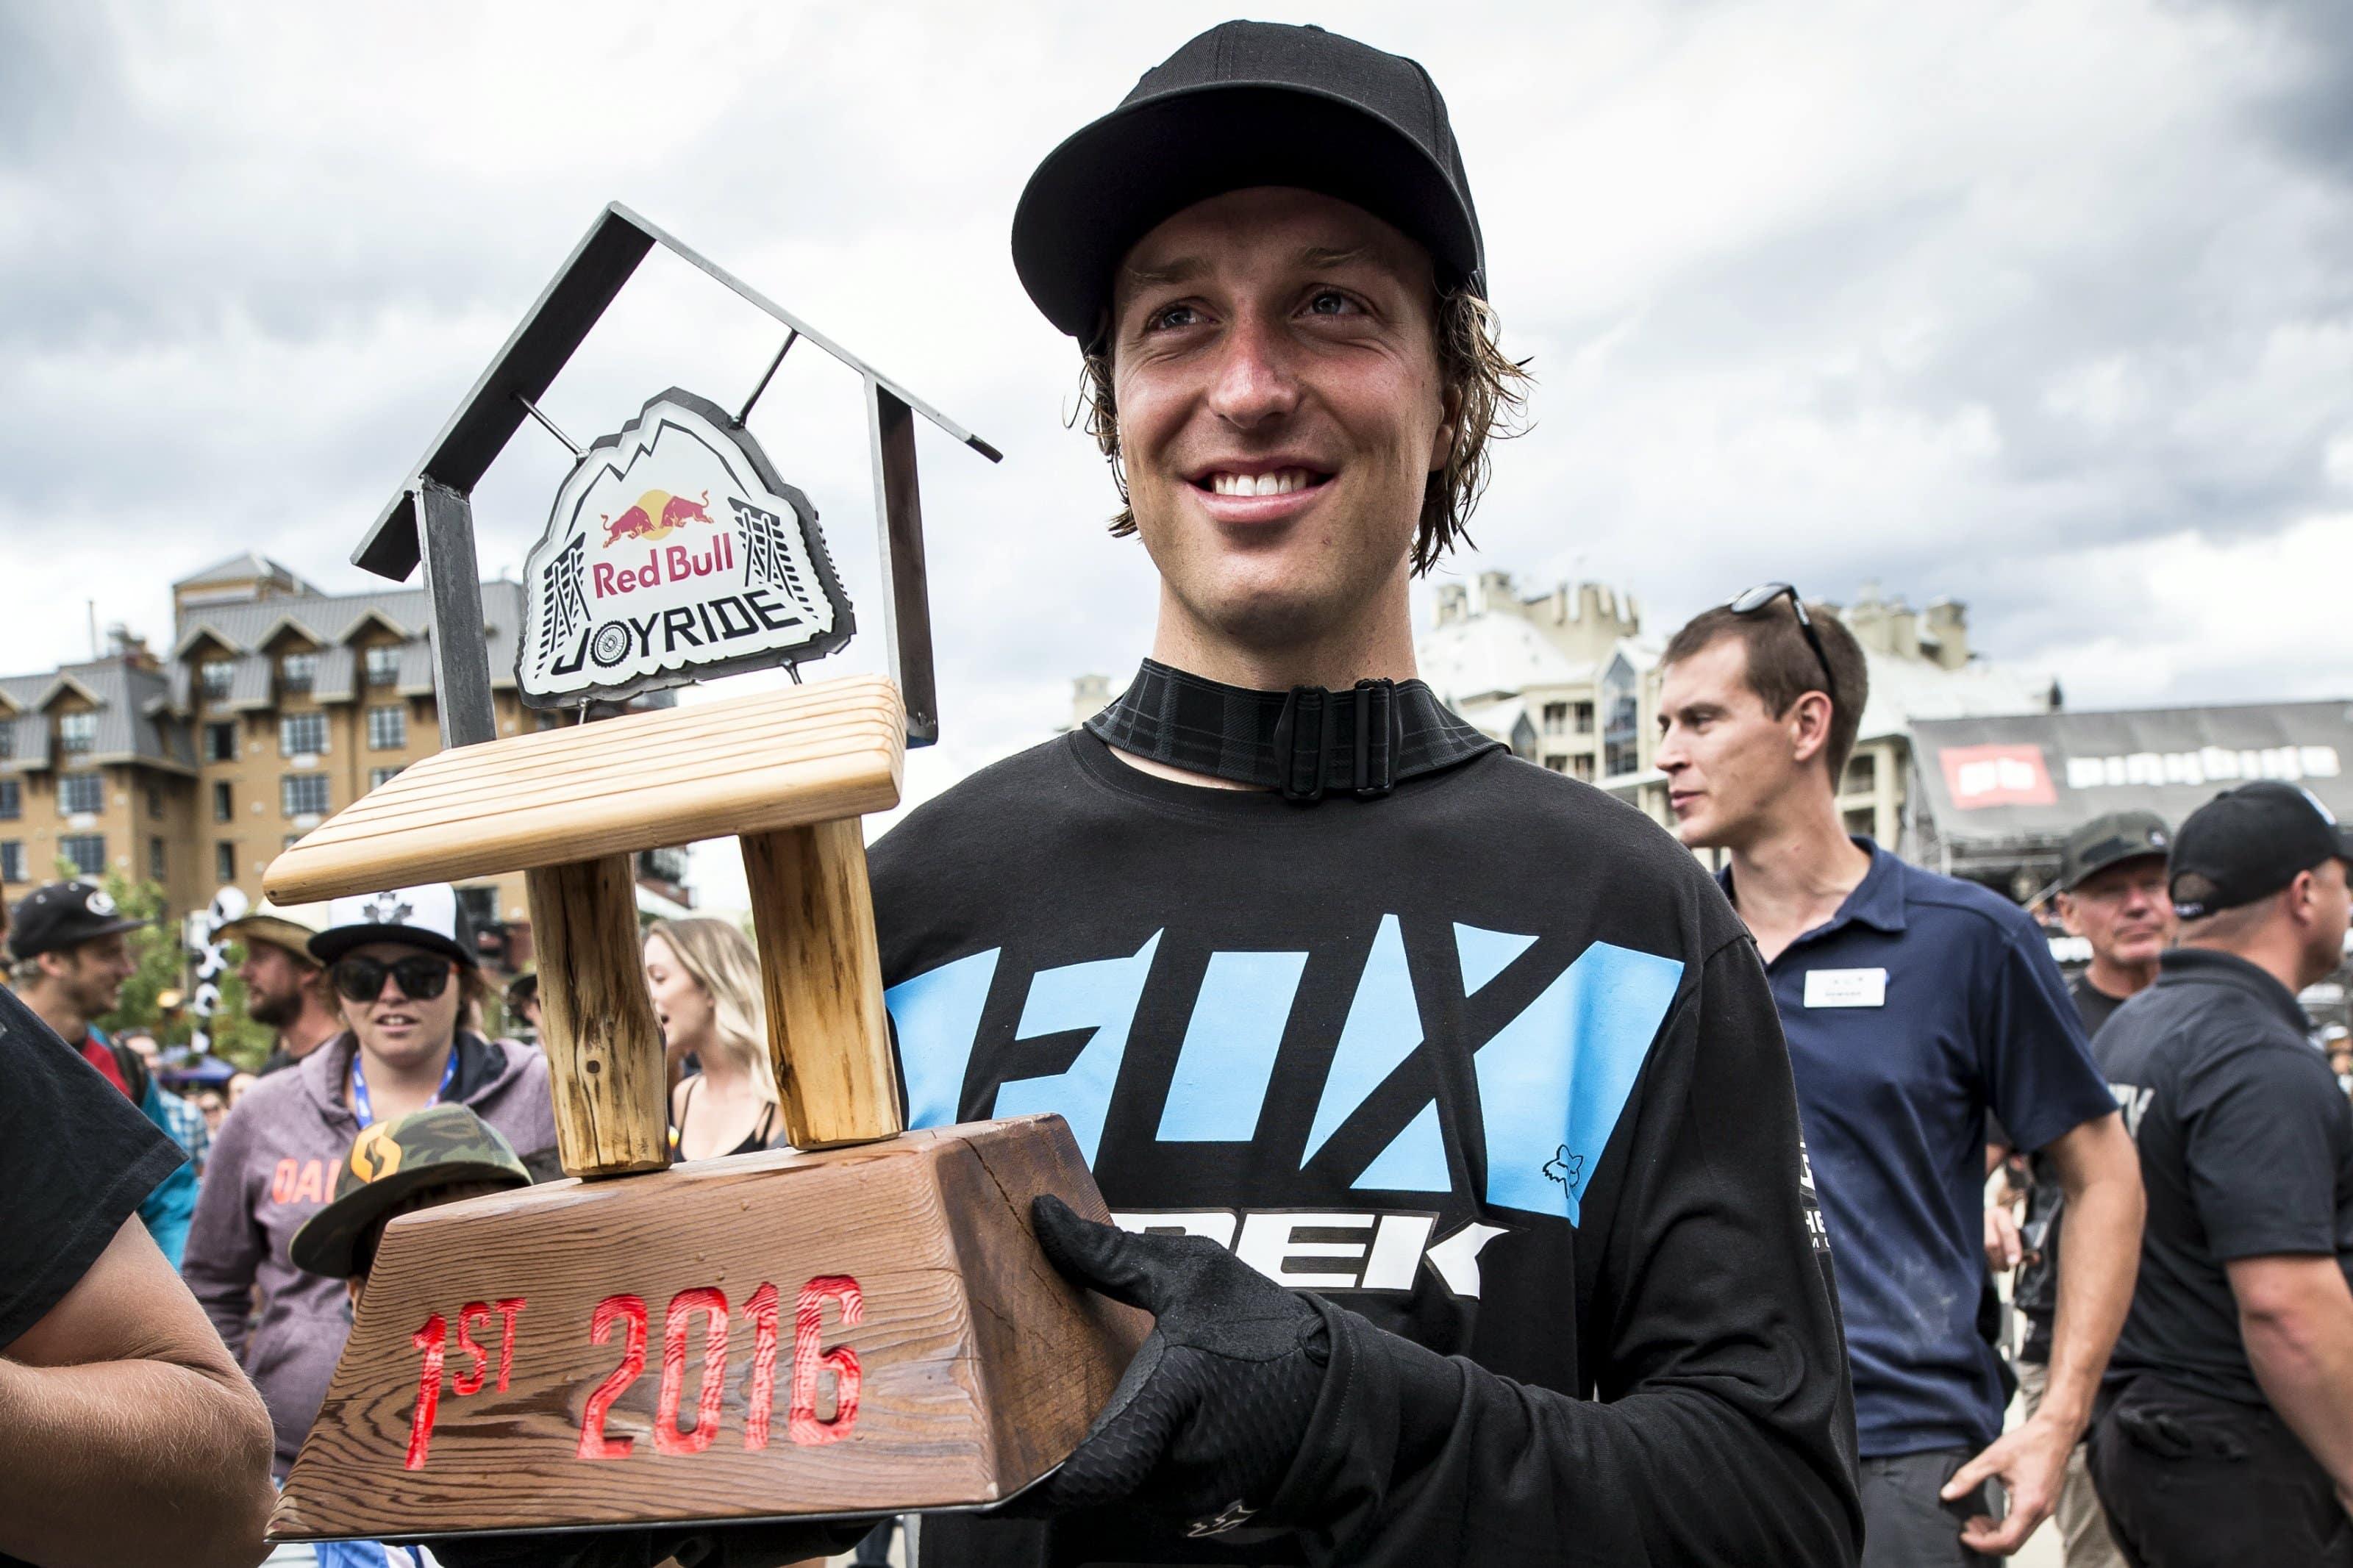 Brett Rheeder konnte da noch gar nicht fassen, was ihm eben beim Red Bull Joyride gelungen war. (Source: Red Bull)